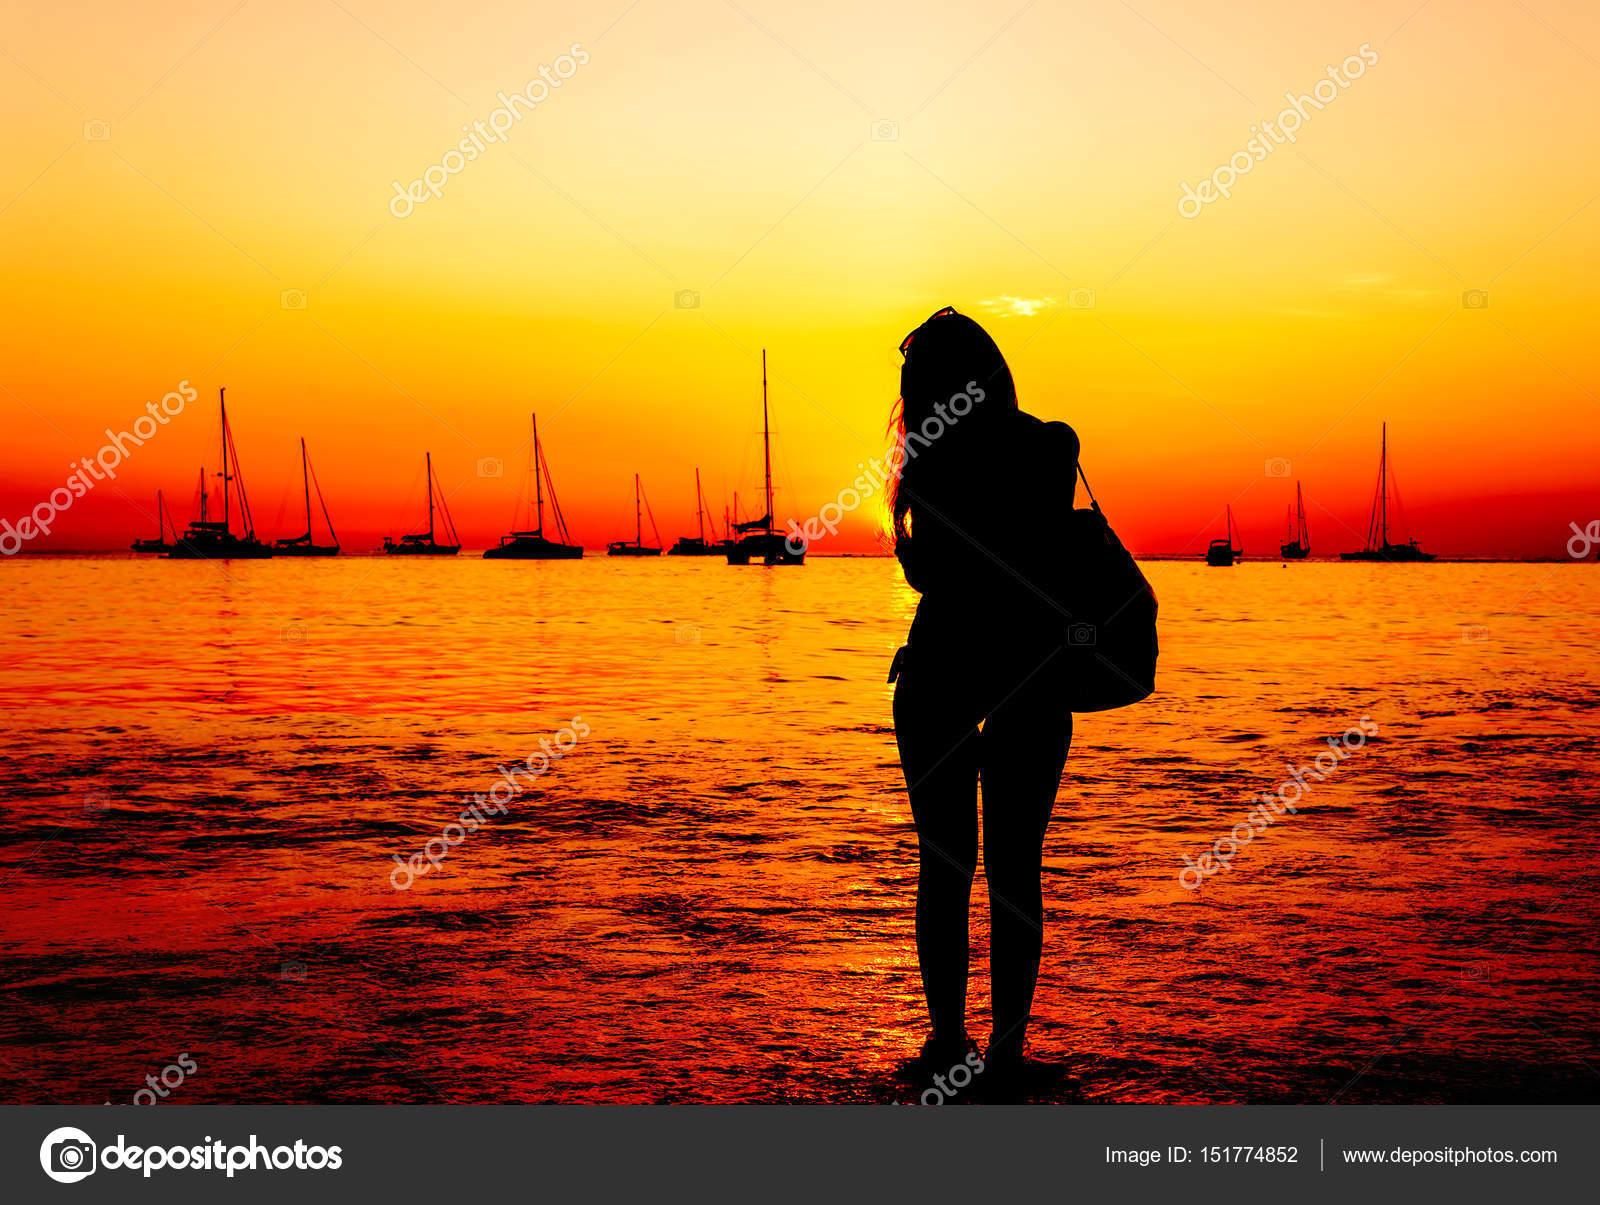 Девушки на пляже в бикини (60 фото) - *о, солнце, море, пляж, девушки в бикини и без